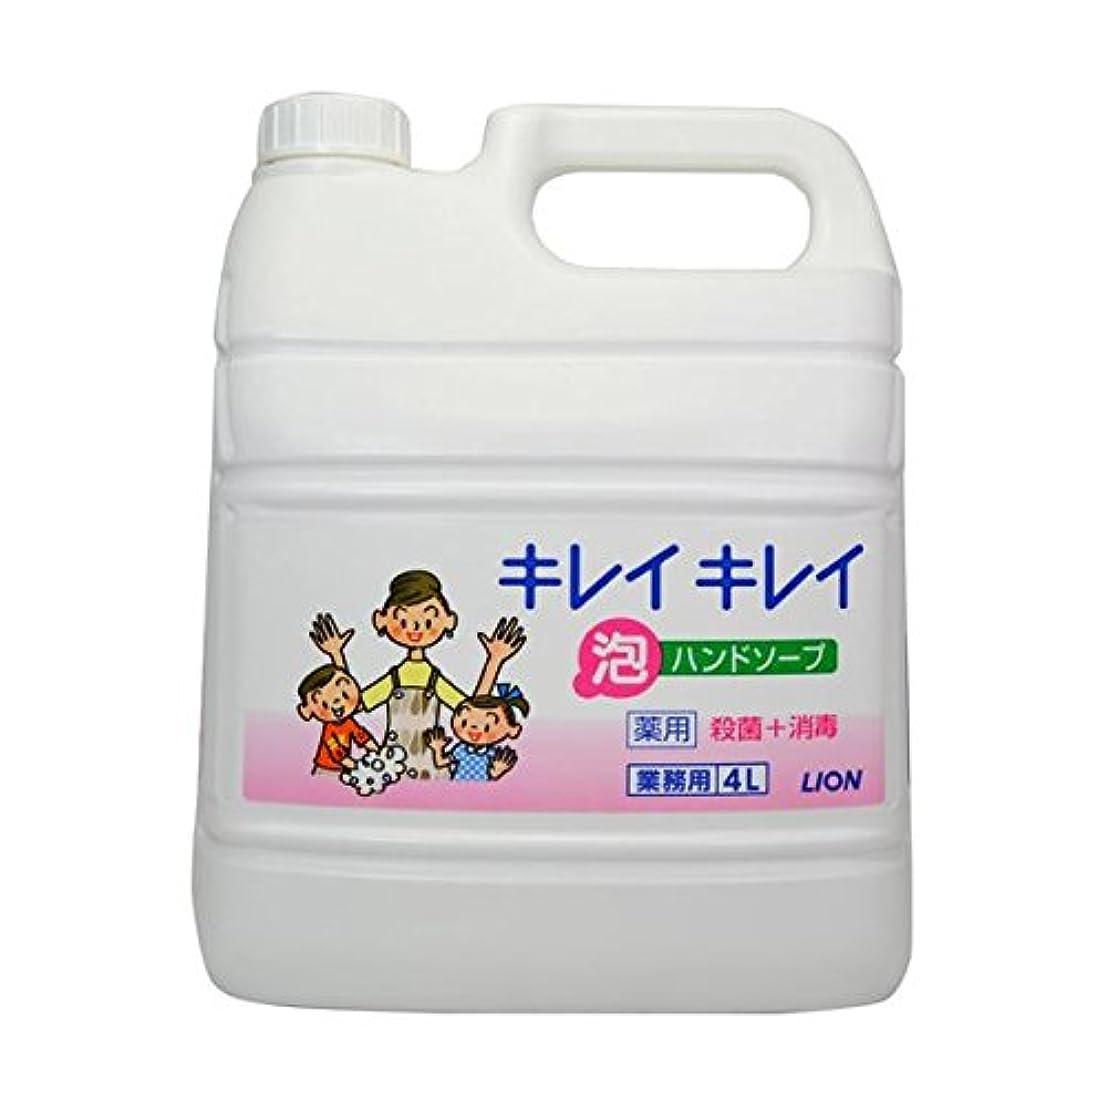 追う銀ウェイトレスキレイキレイ薬用泡ハンドソープ 4Lボトル×2個+専用泡容器700mLセット